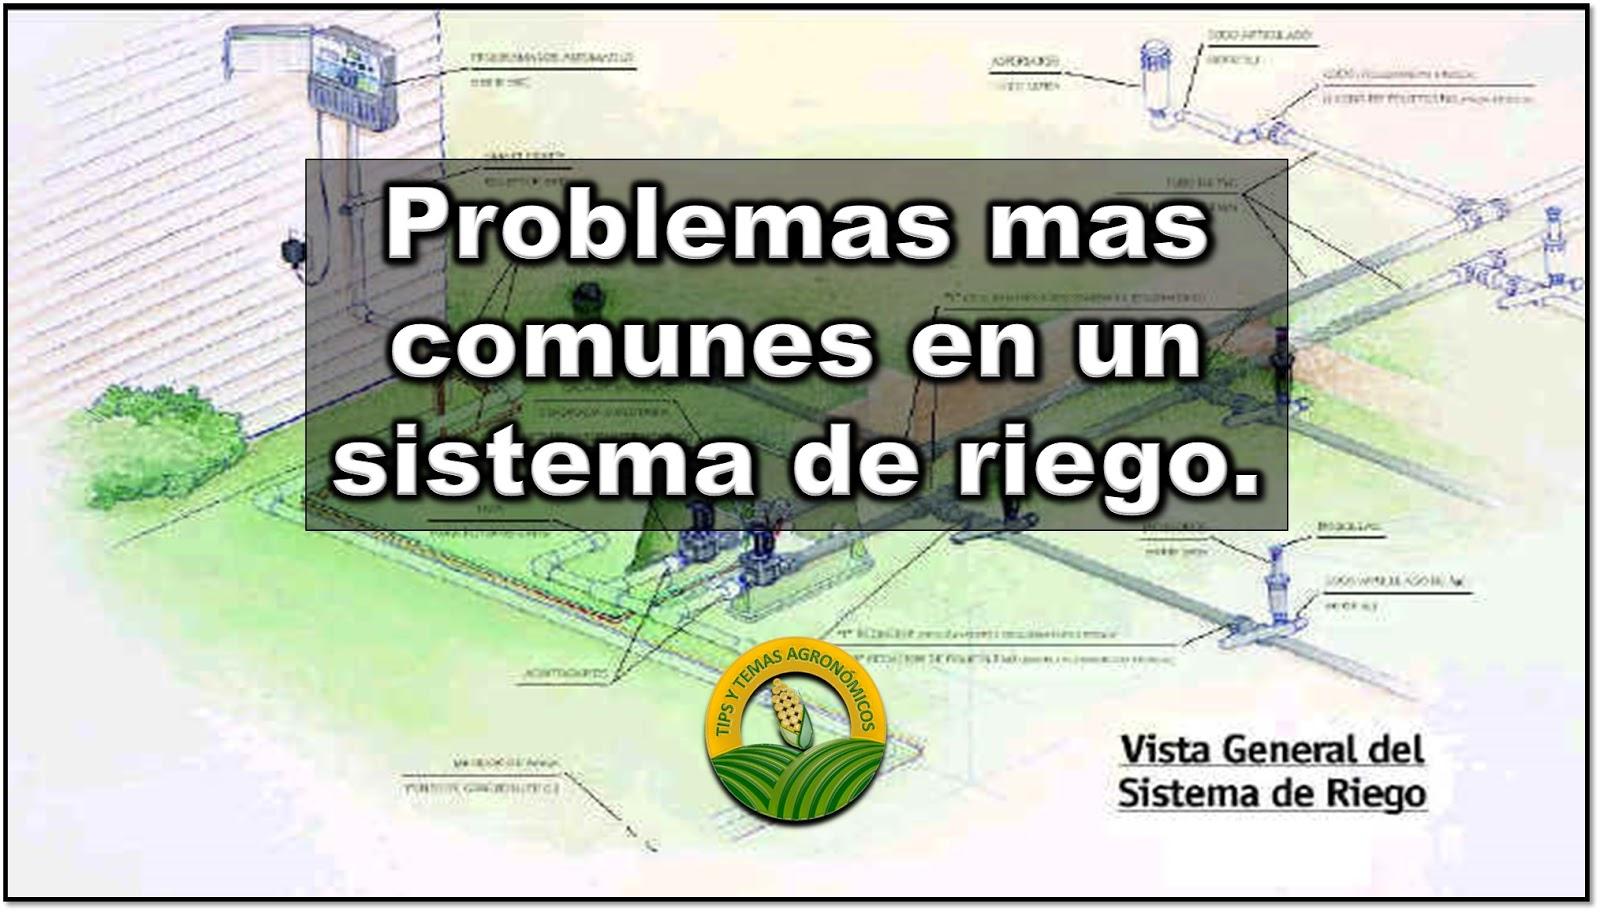 Problemas mas comunes en un sistema de riego for Instalacion riego jardin